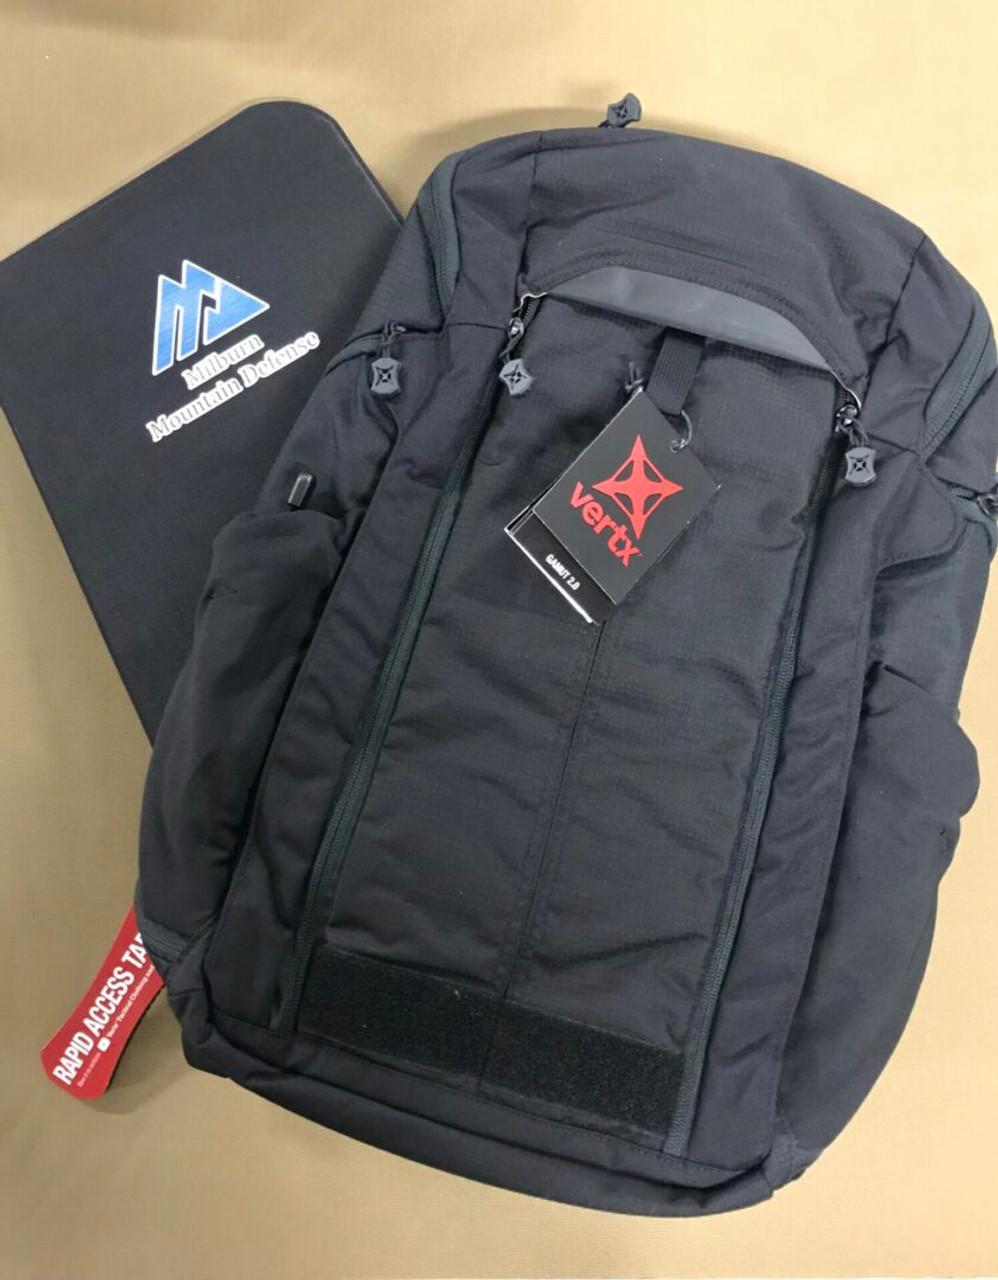 Milburn Mountain Defense IIIA Soft Armour Insert for Vertx Gamut 2.0 Backpack